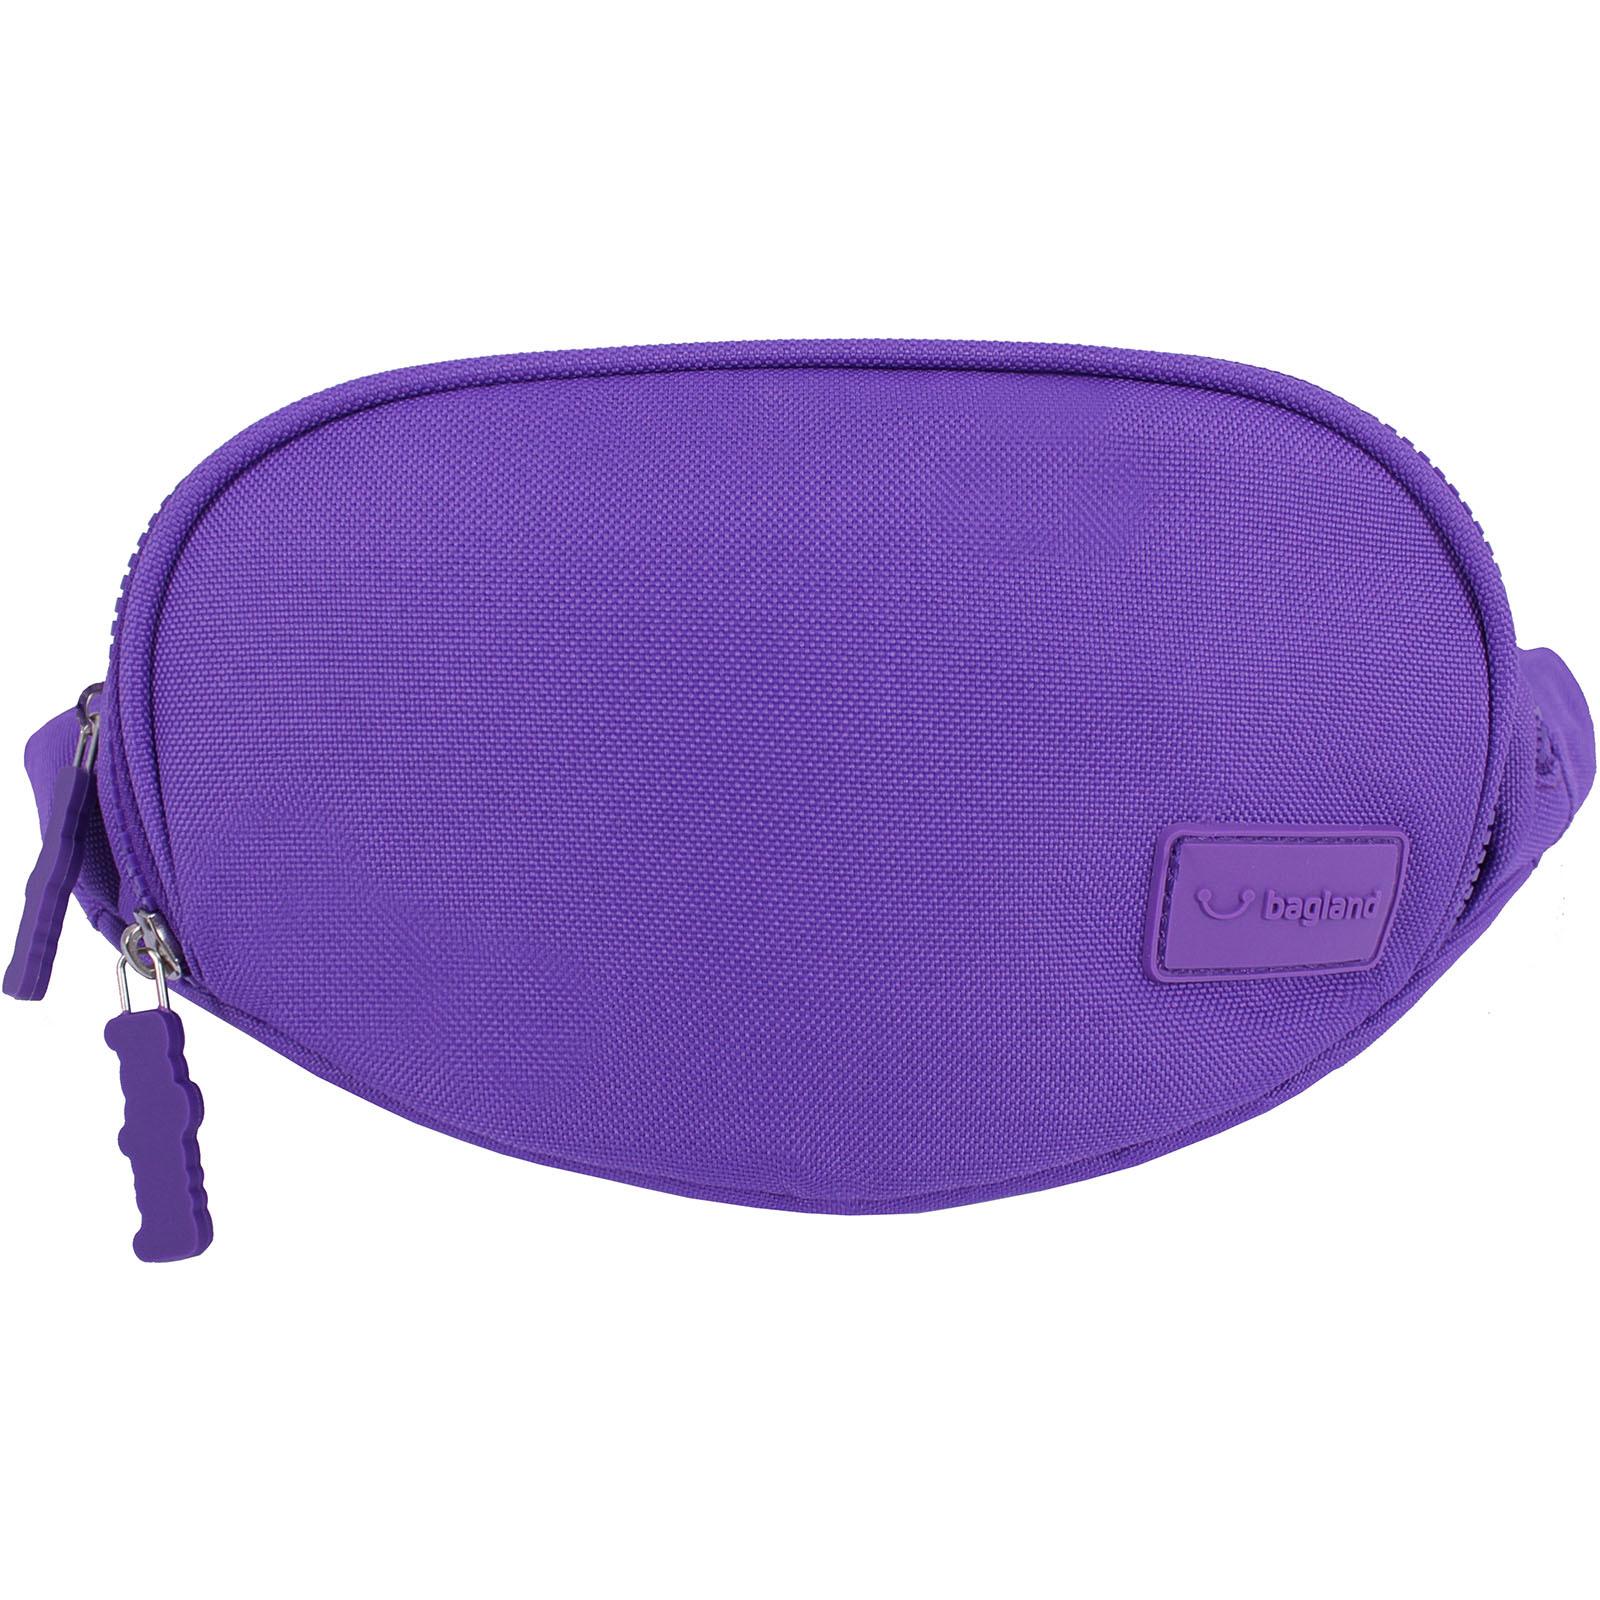 Барсетка Bagland Bella 2 л. 339 фиолетовый (0020266) фото 1